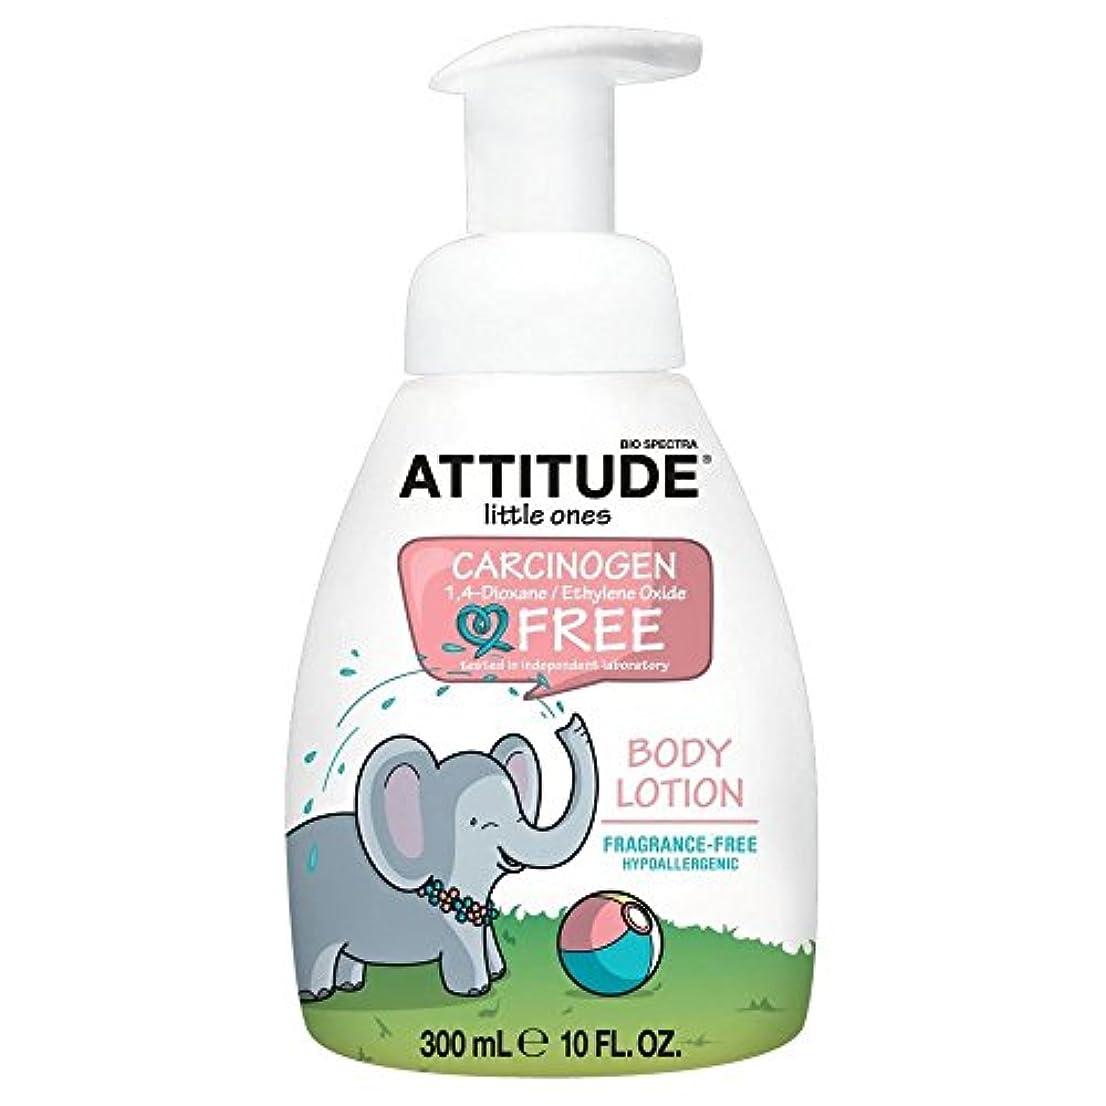 版暴力ガイダンスAttitude Little Ones Body Lotion - Fragrance Free (295ml) 態度の小さなものボディローション - 無香料( 295ミリリットル)